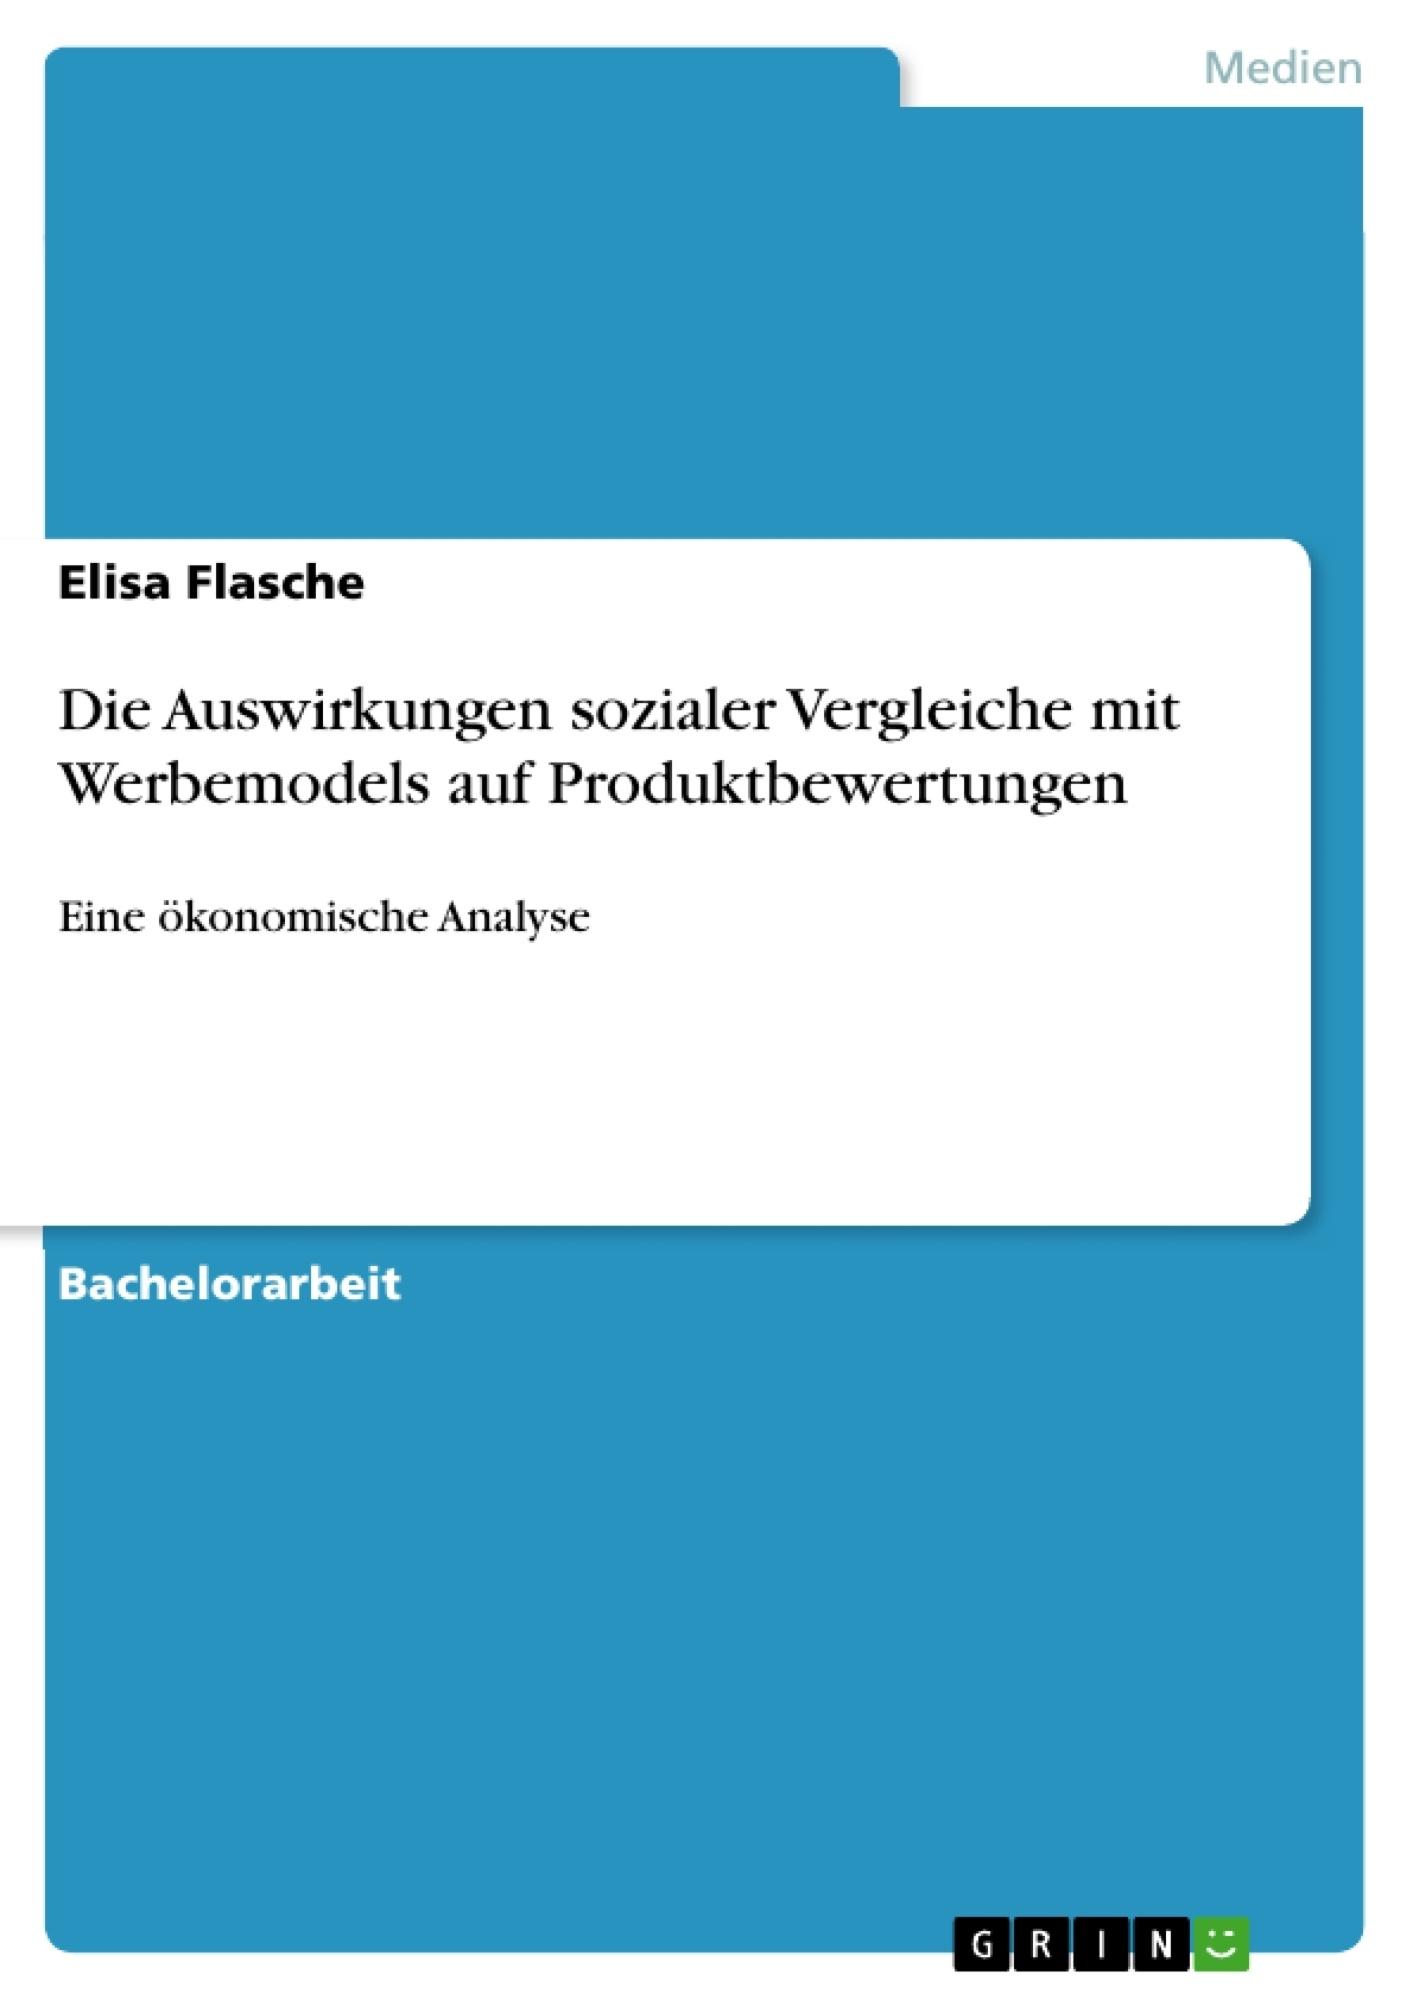 Titel: Die Auswirkungen sozialer Vergleiche mit Werbemodels auf Produktbewertungen